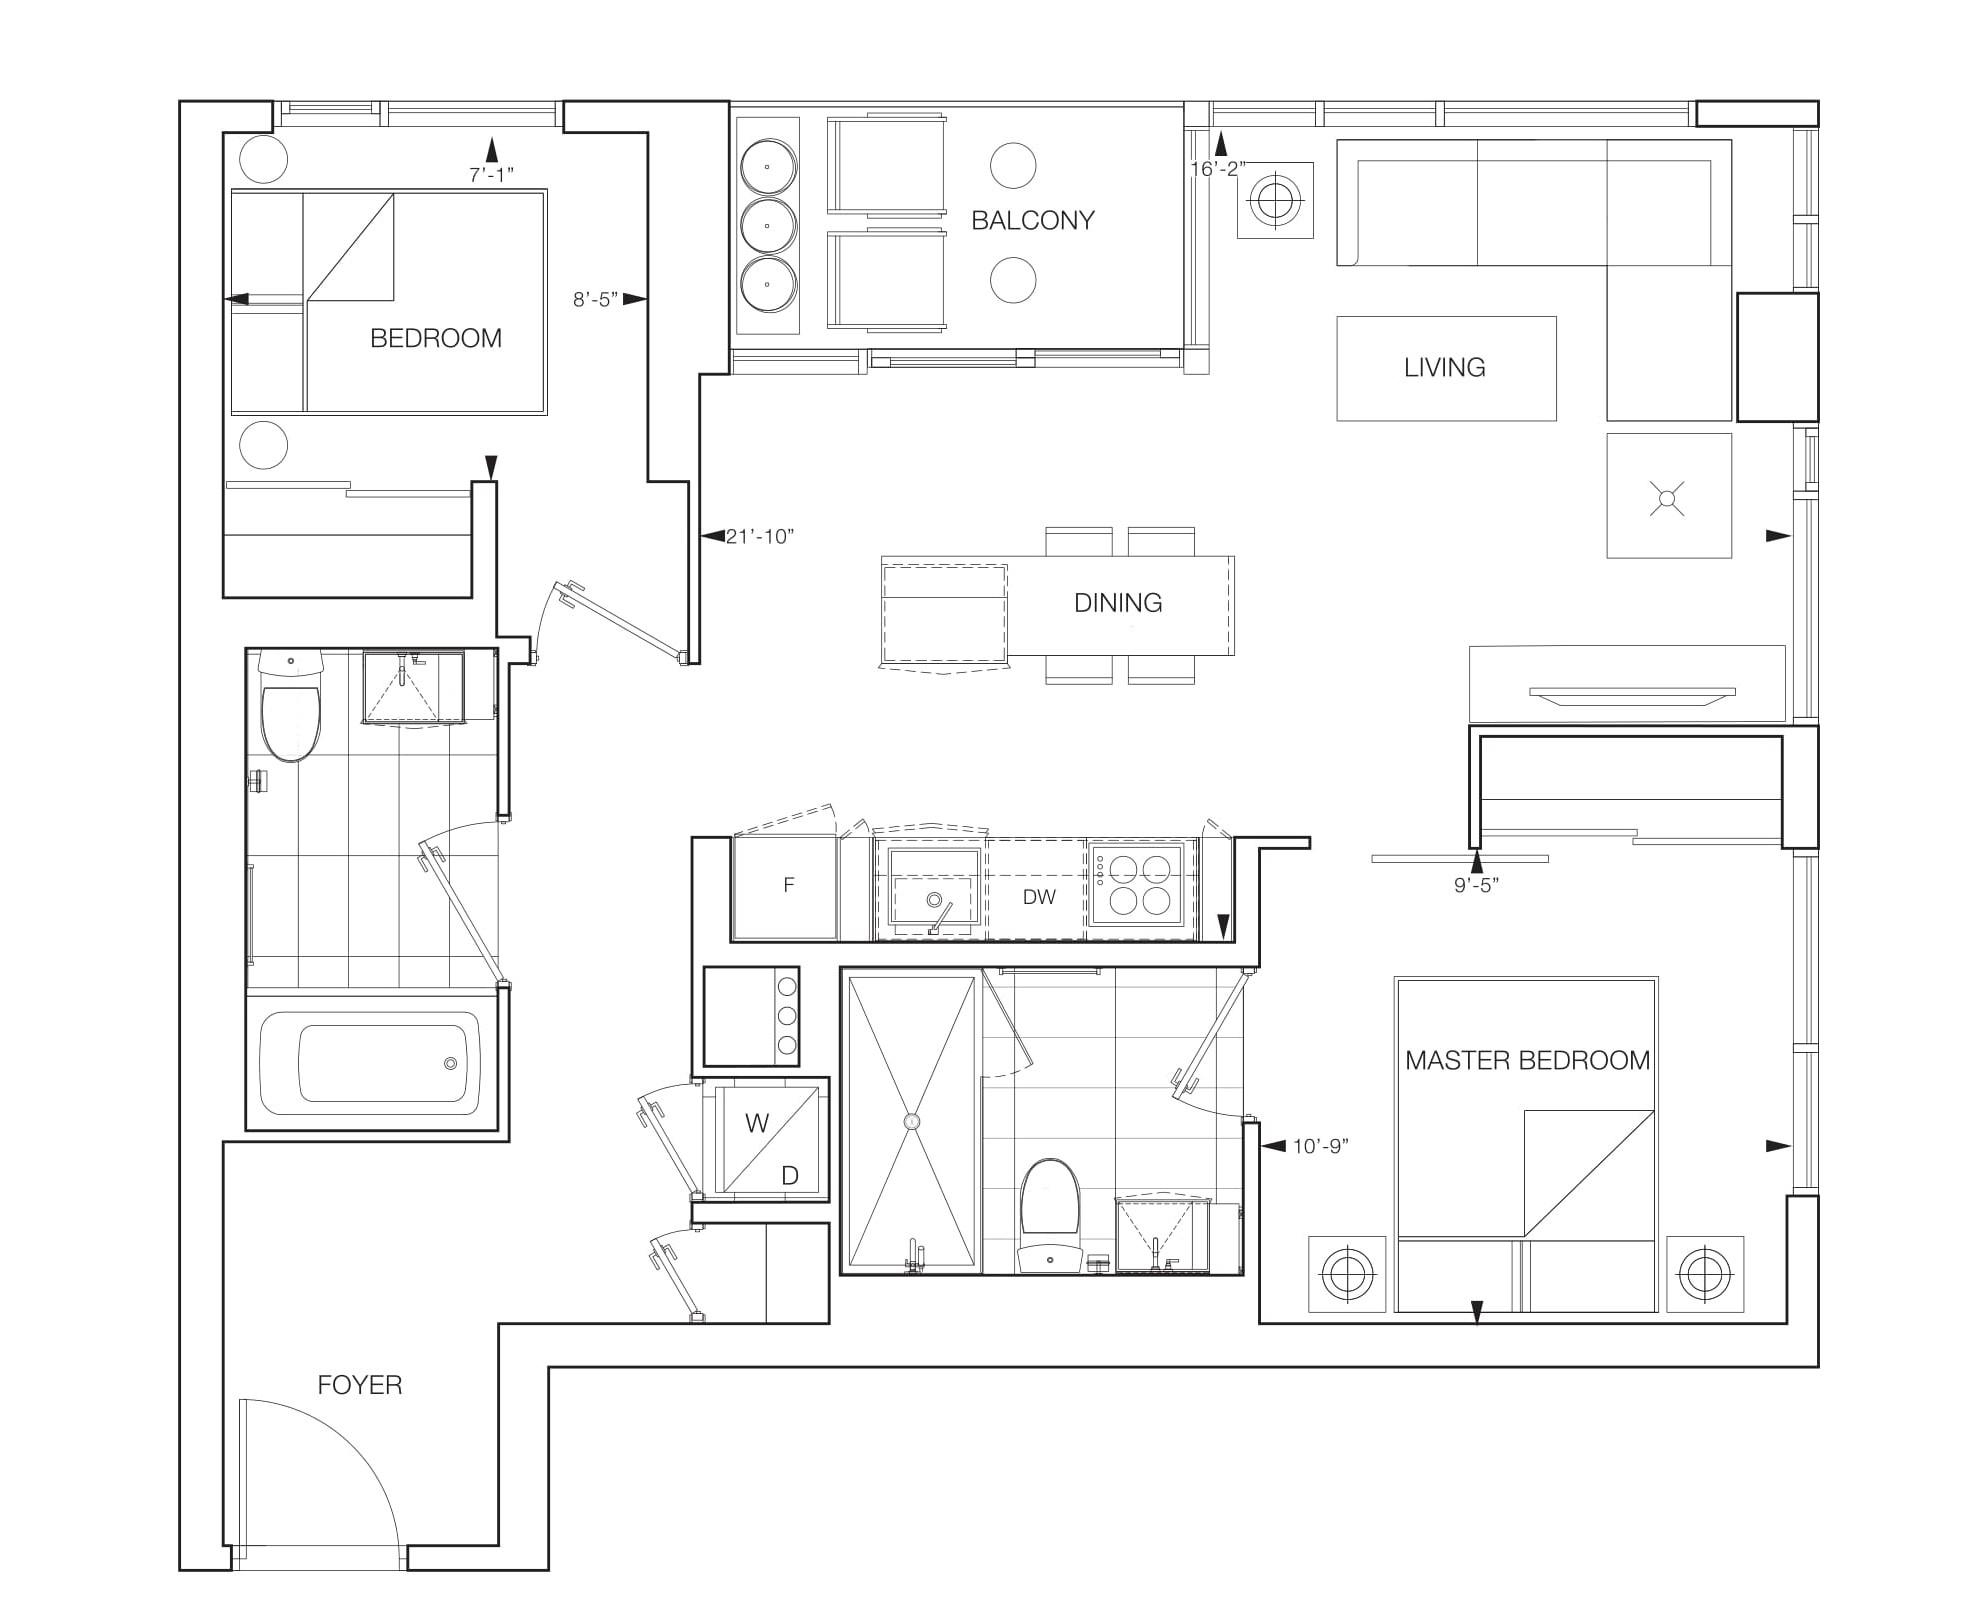 Vesi Floorplans